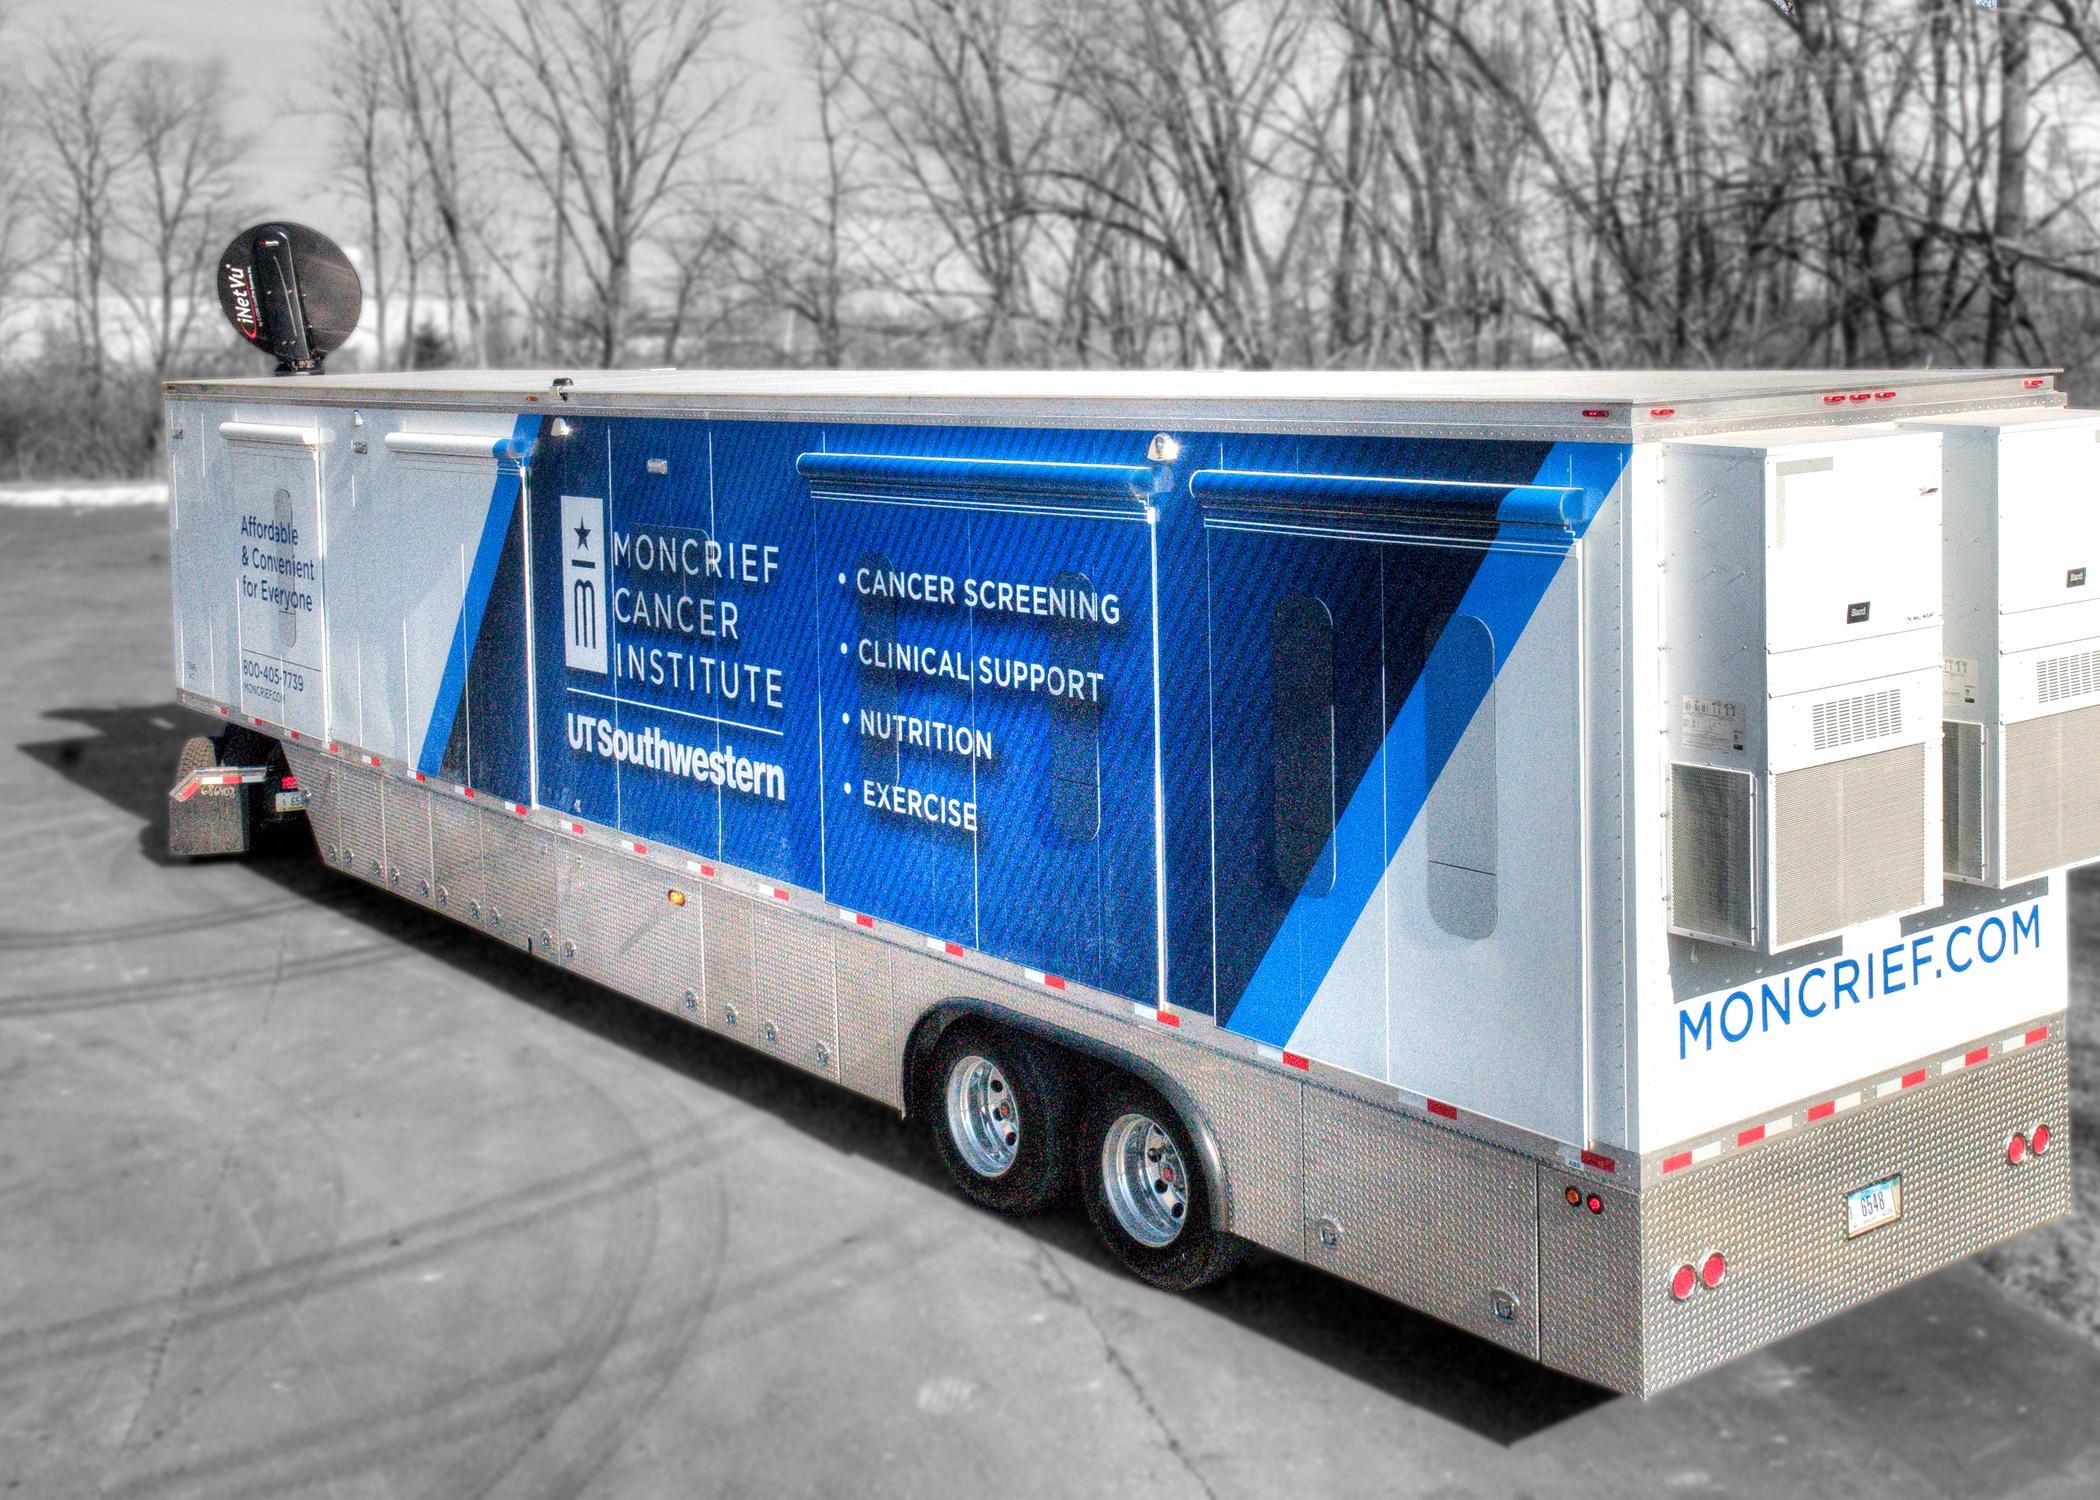 Moncrief Cancer Institute mammogram truck